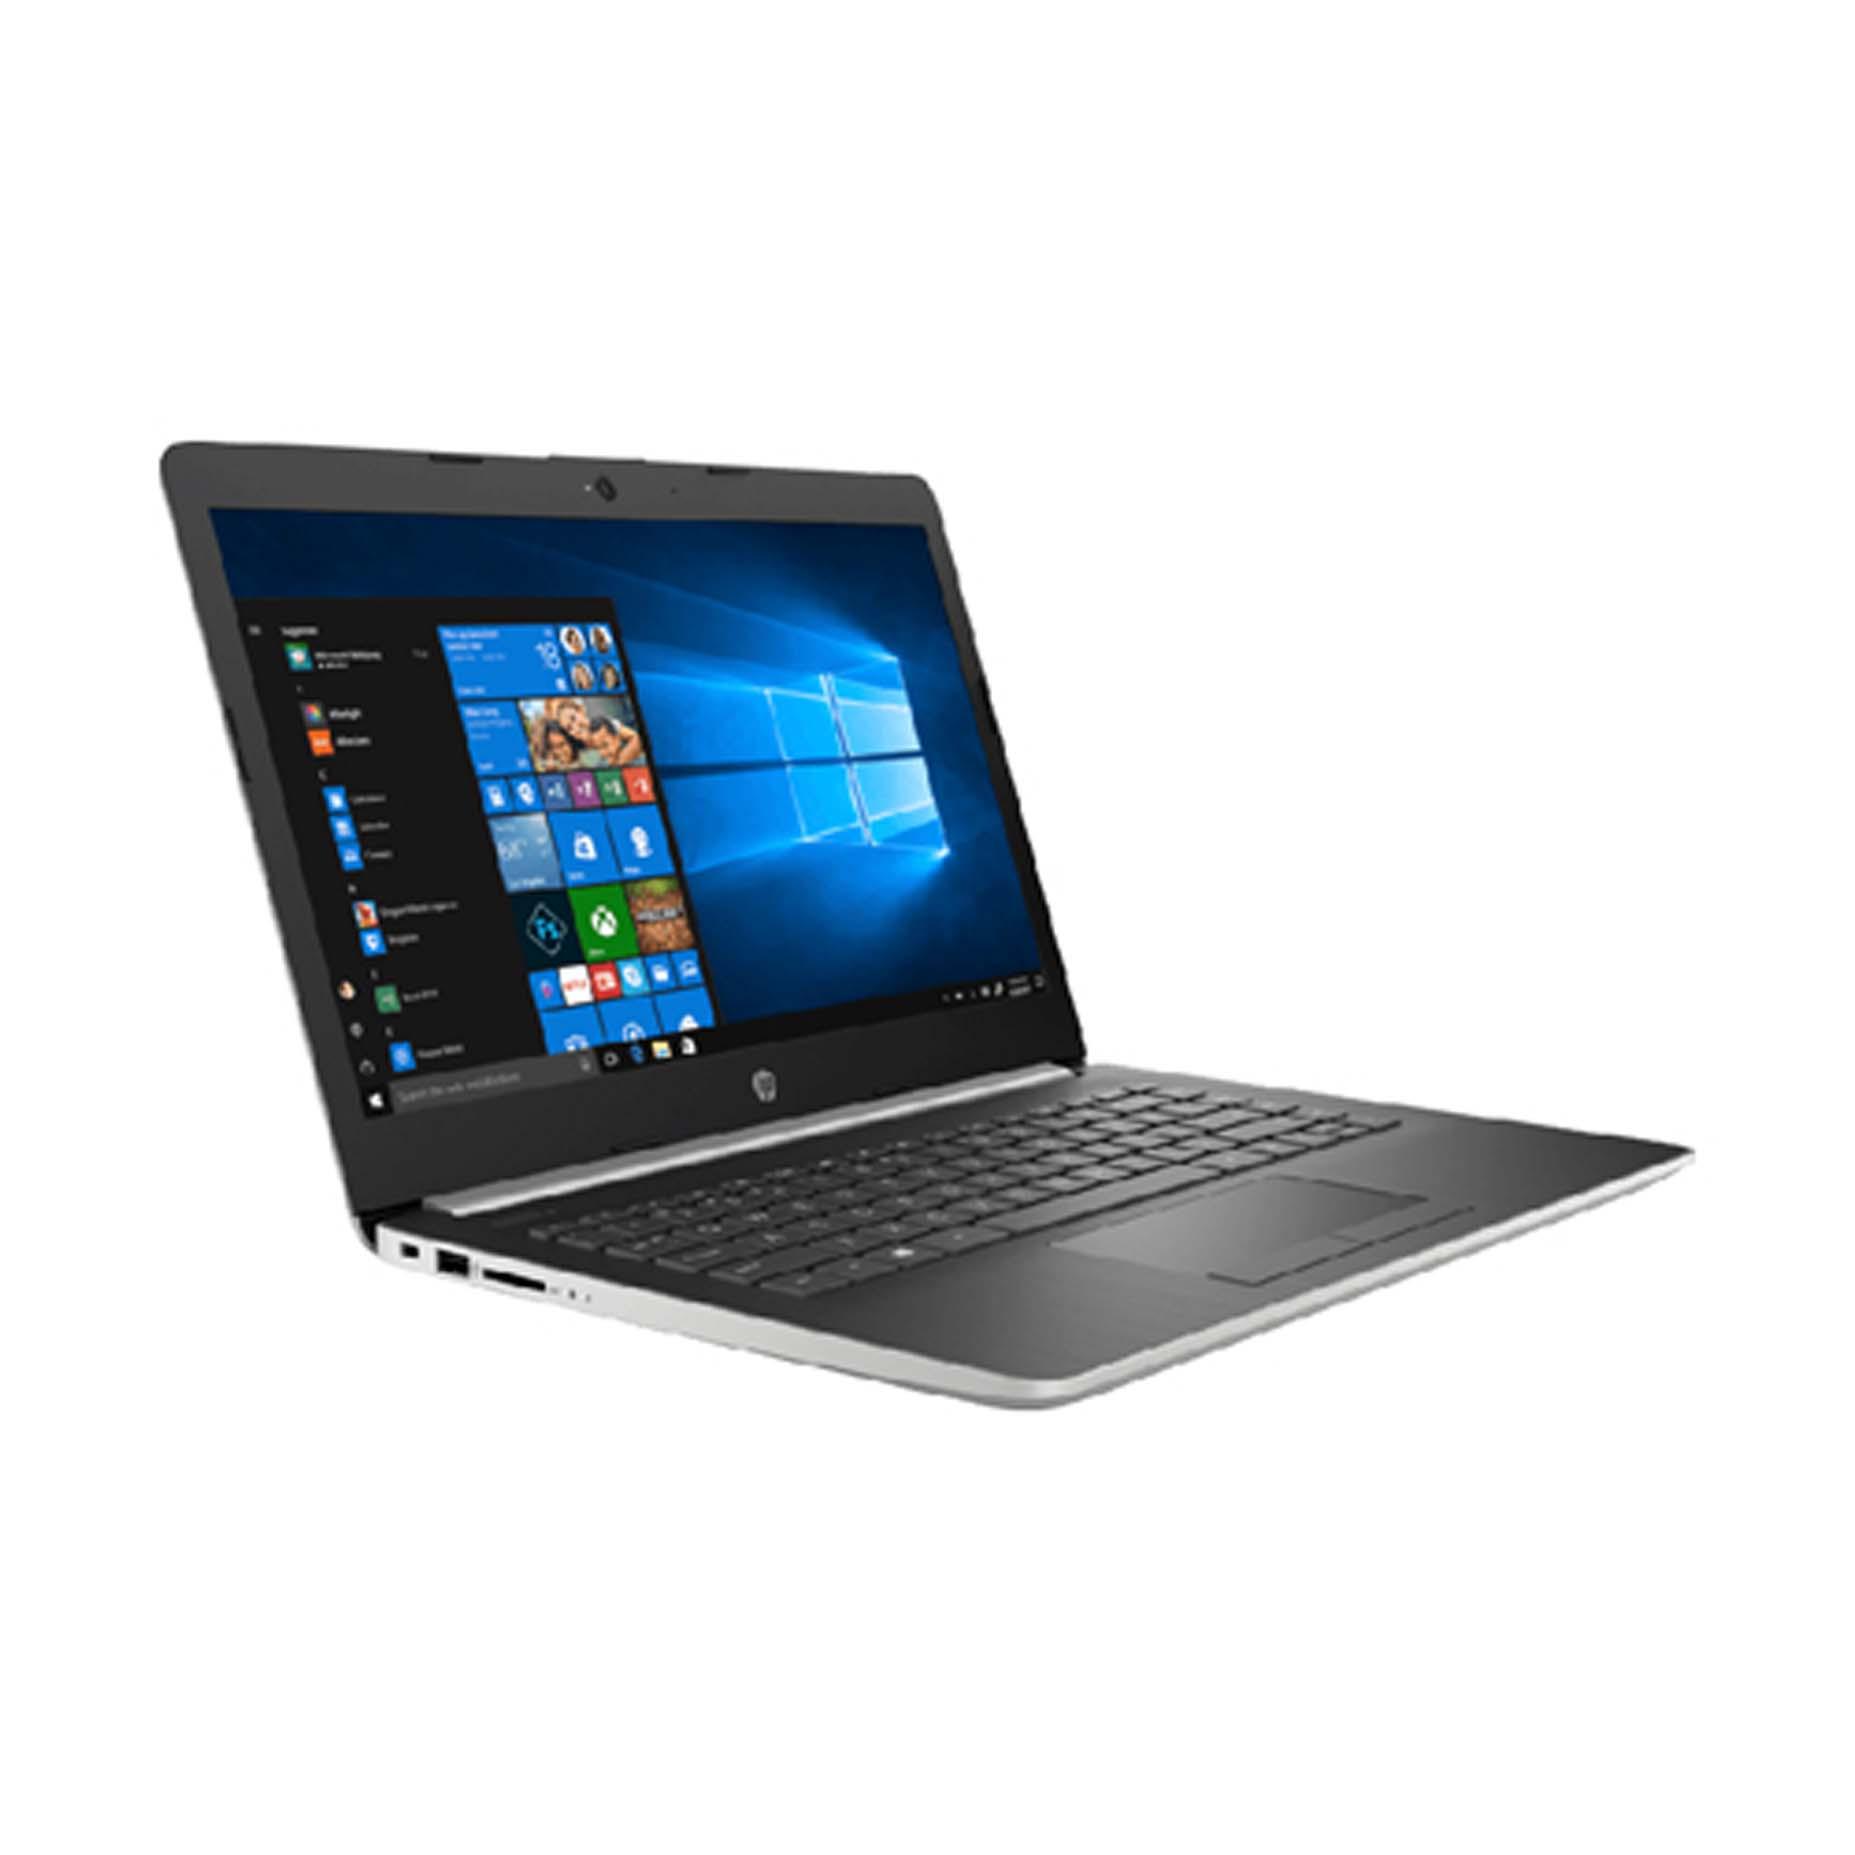 Harga HP Notebook 14-CM0078AU AMD Ryzen 5 2500U 4GB 1TB 128GB AMD Radeon Vega 8 Win10 14 Inch Silver